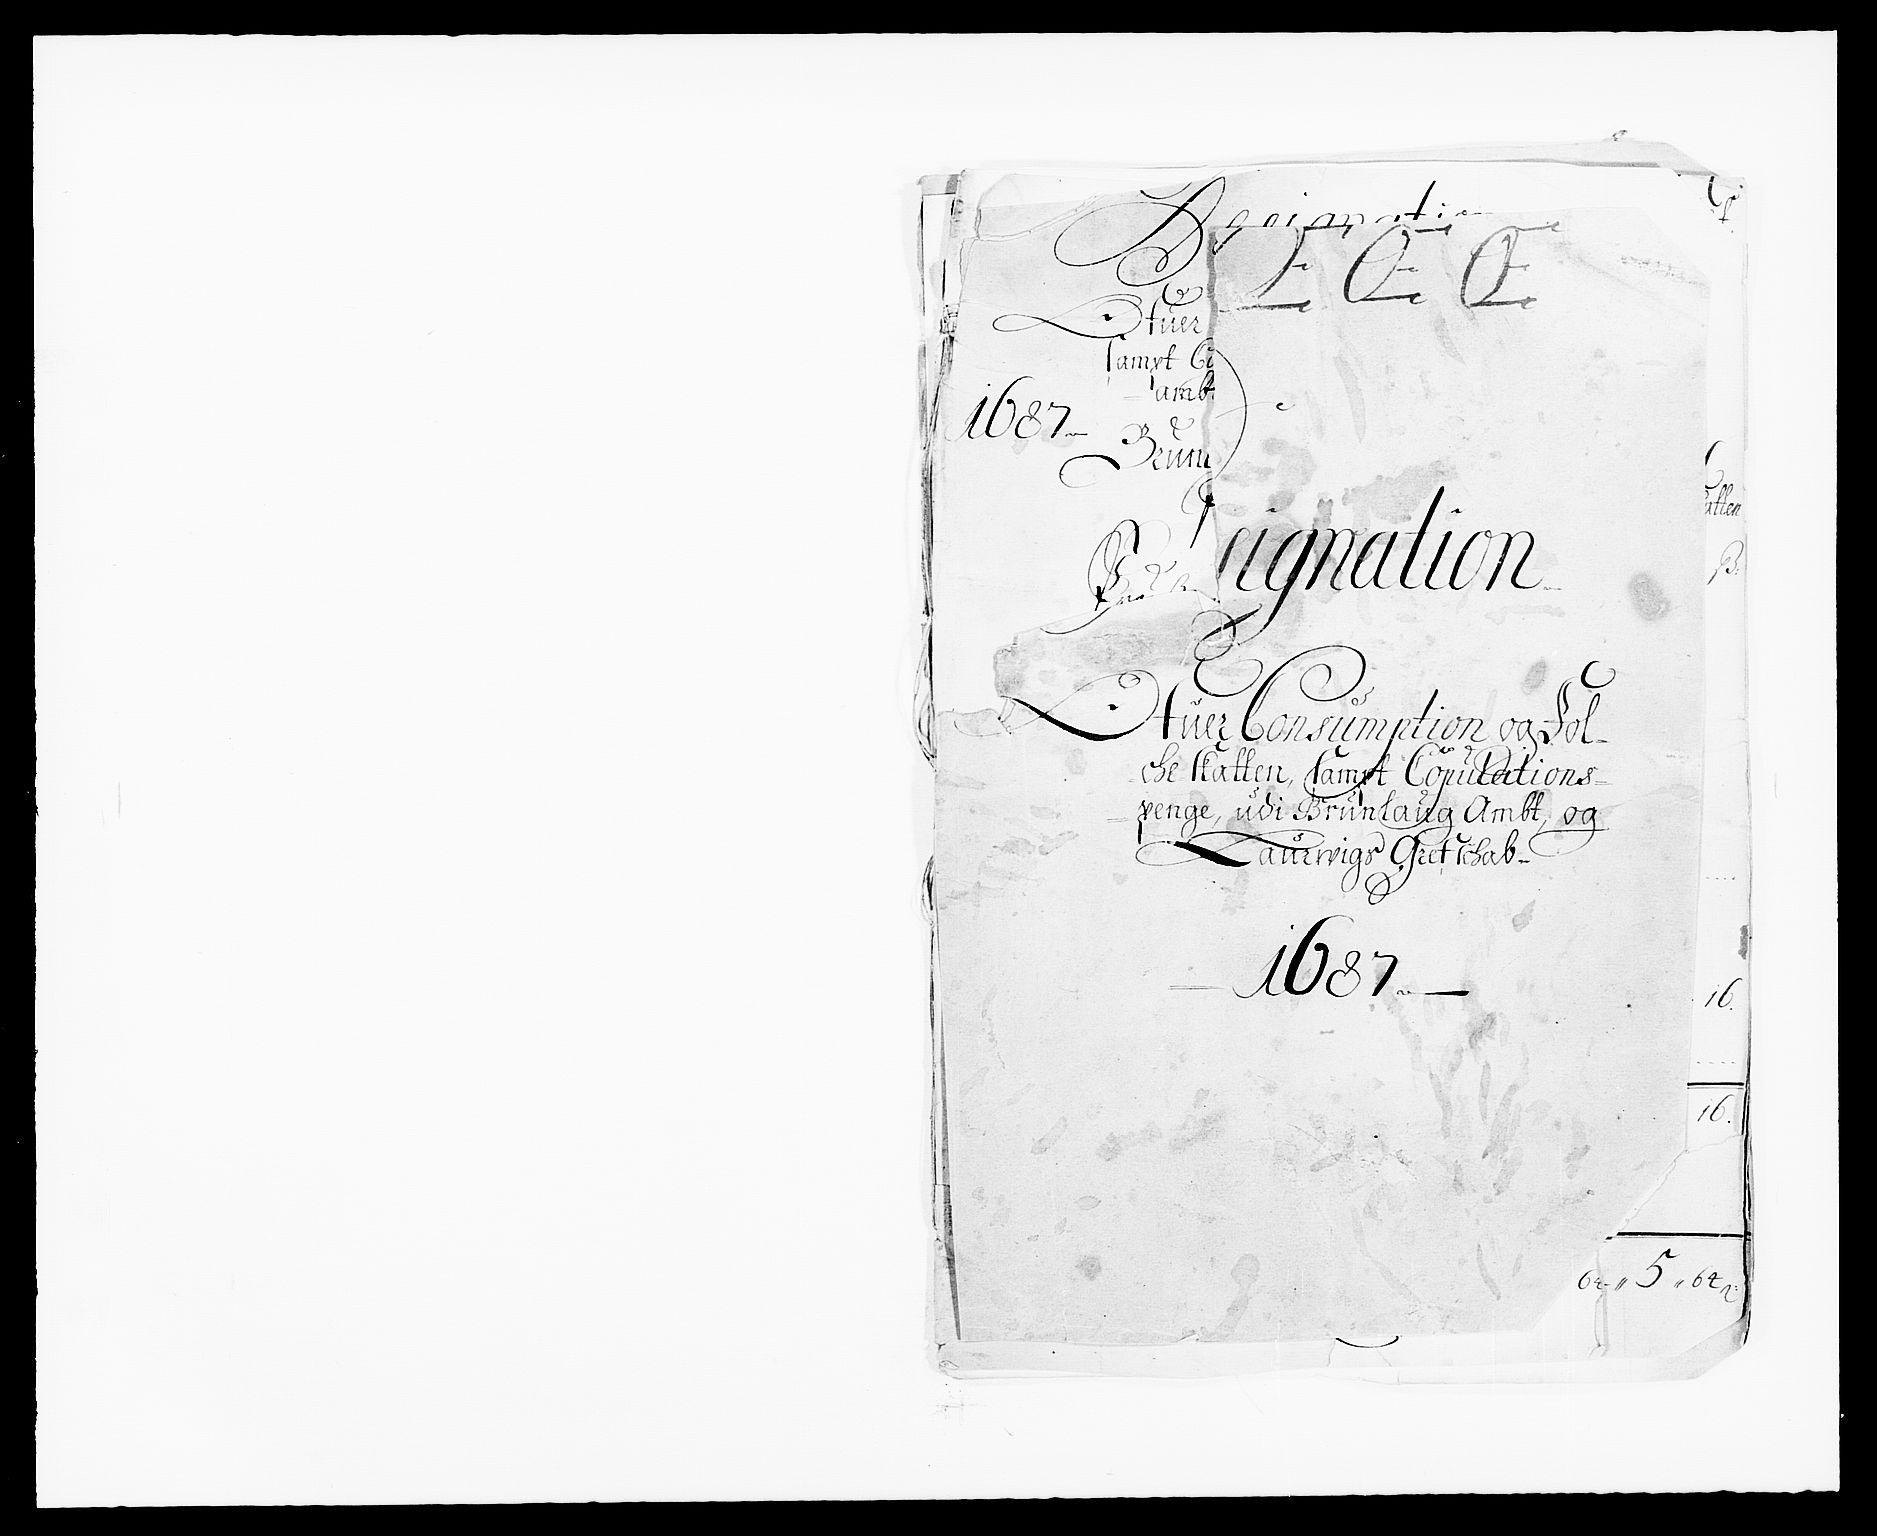 RA, Rentekammeret inntil 1814, Reviderte regnskaper, Fogderegnskap, R33/L1970: Fogderegnskap Larvik grevskap, 1675-1687, s. 394